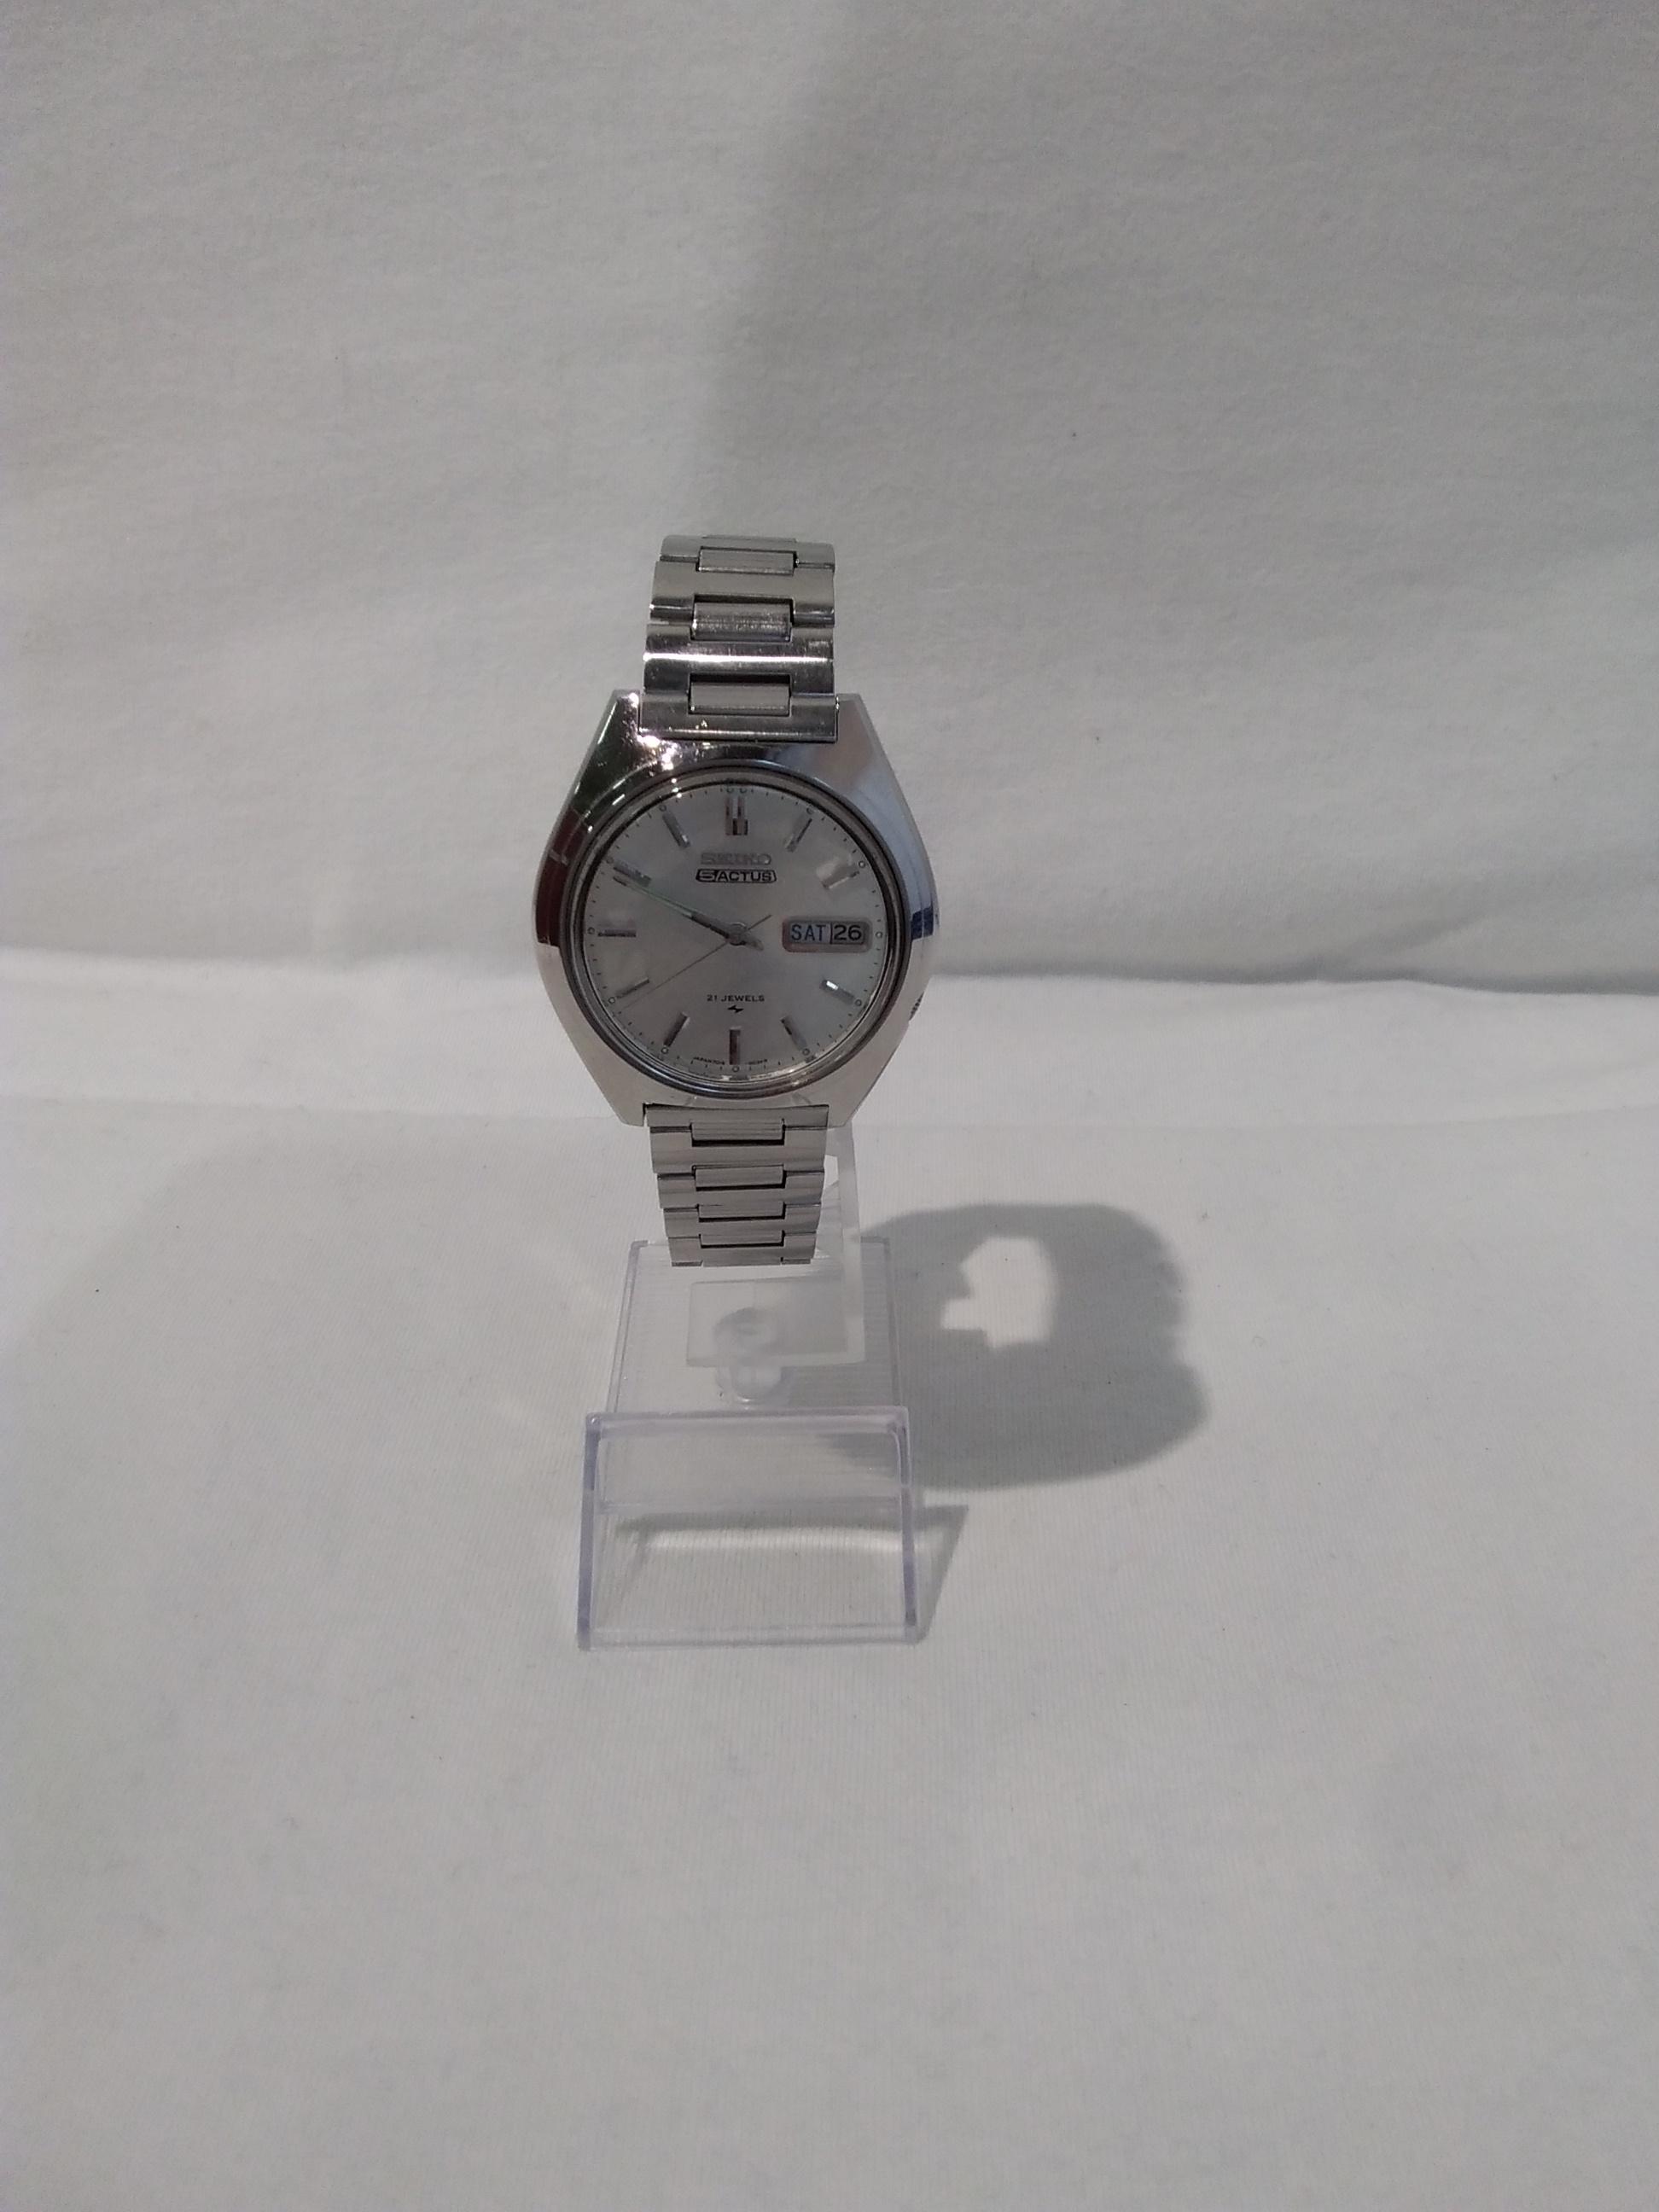 ACTUS 自動巻き腕時計|SEIKO